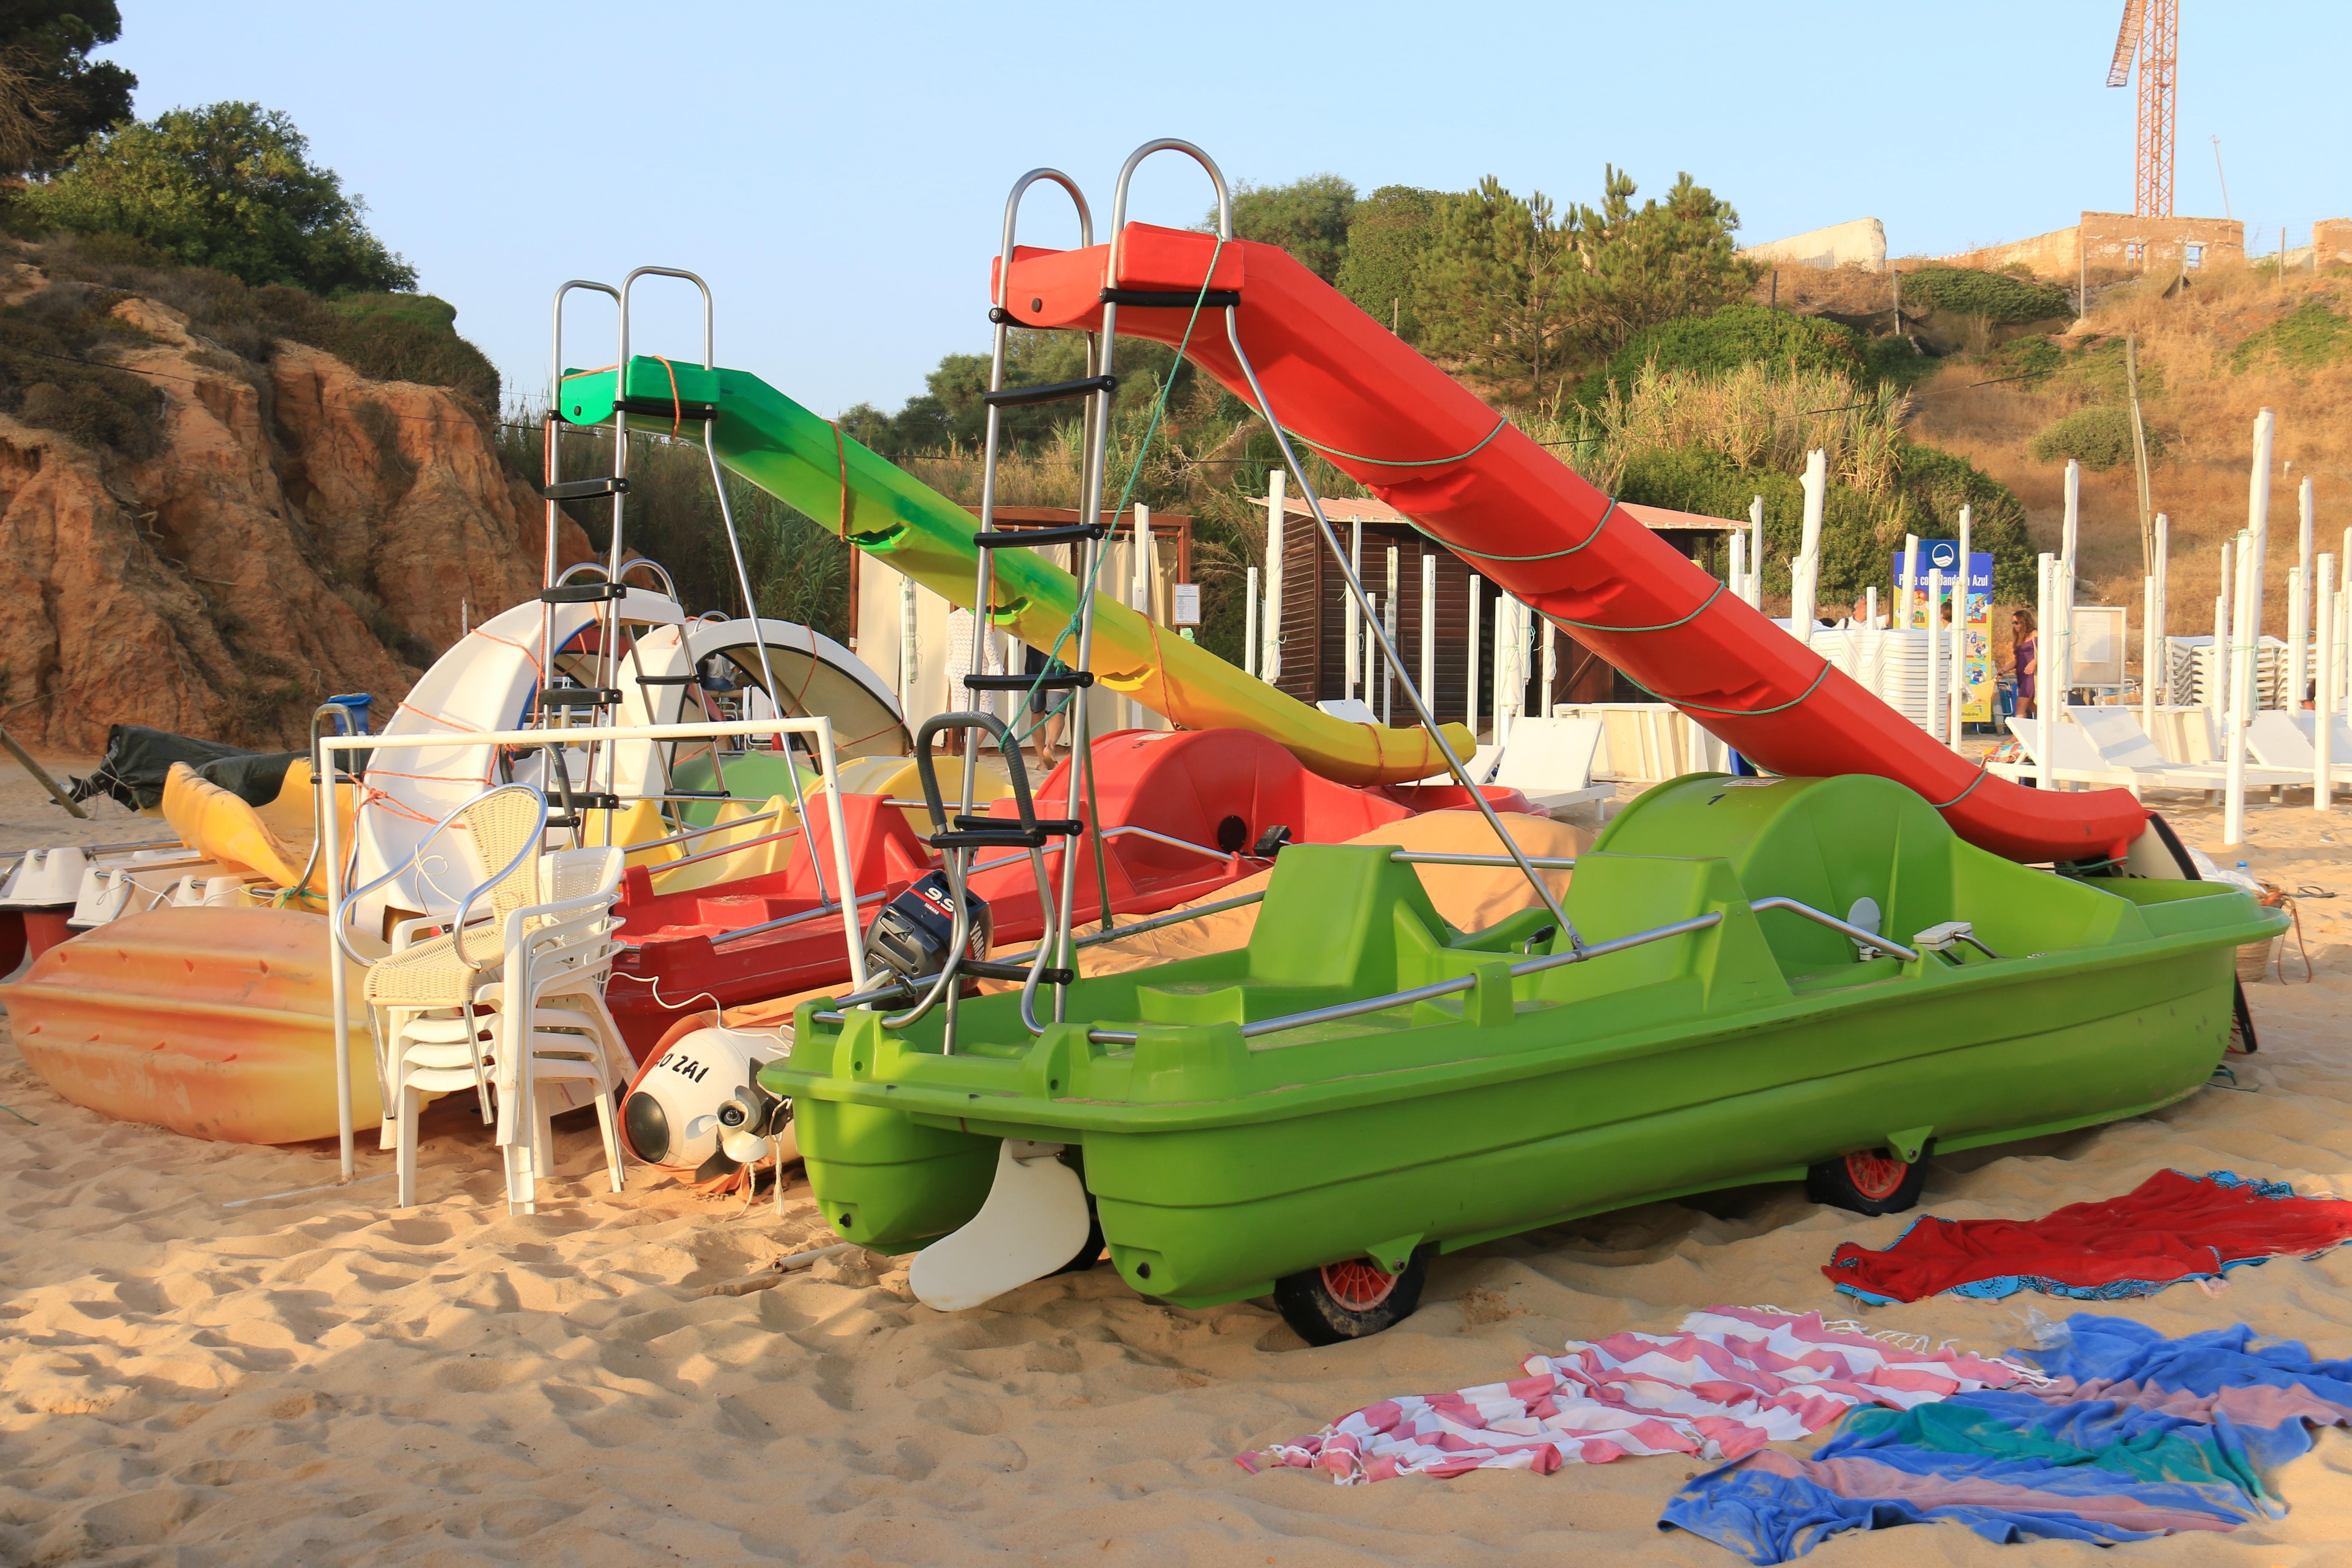 Fotos Gratis Playa Naturaleza Oceano Jugar Gaviota